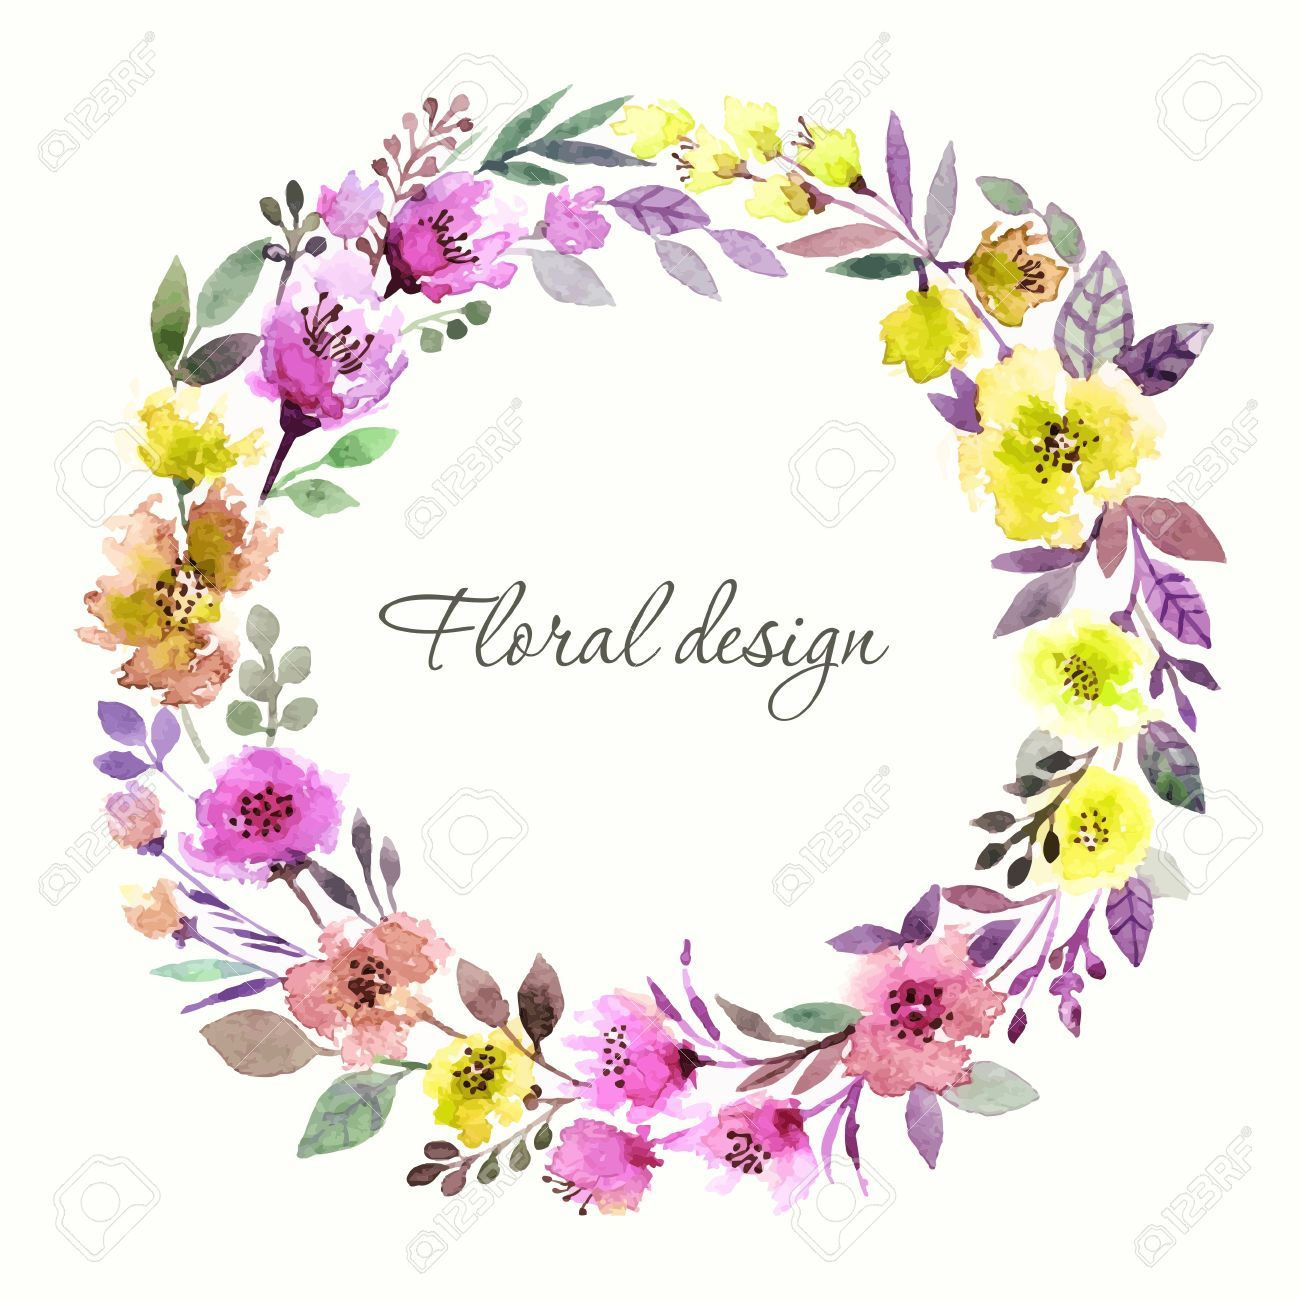 Couronne de fleurs invitation mariage ou carte d 39 anniversaire floral frame fond d 39 aquarelle - Couronne fleurs mariee ...